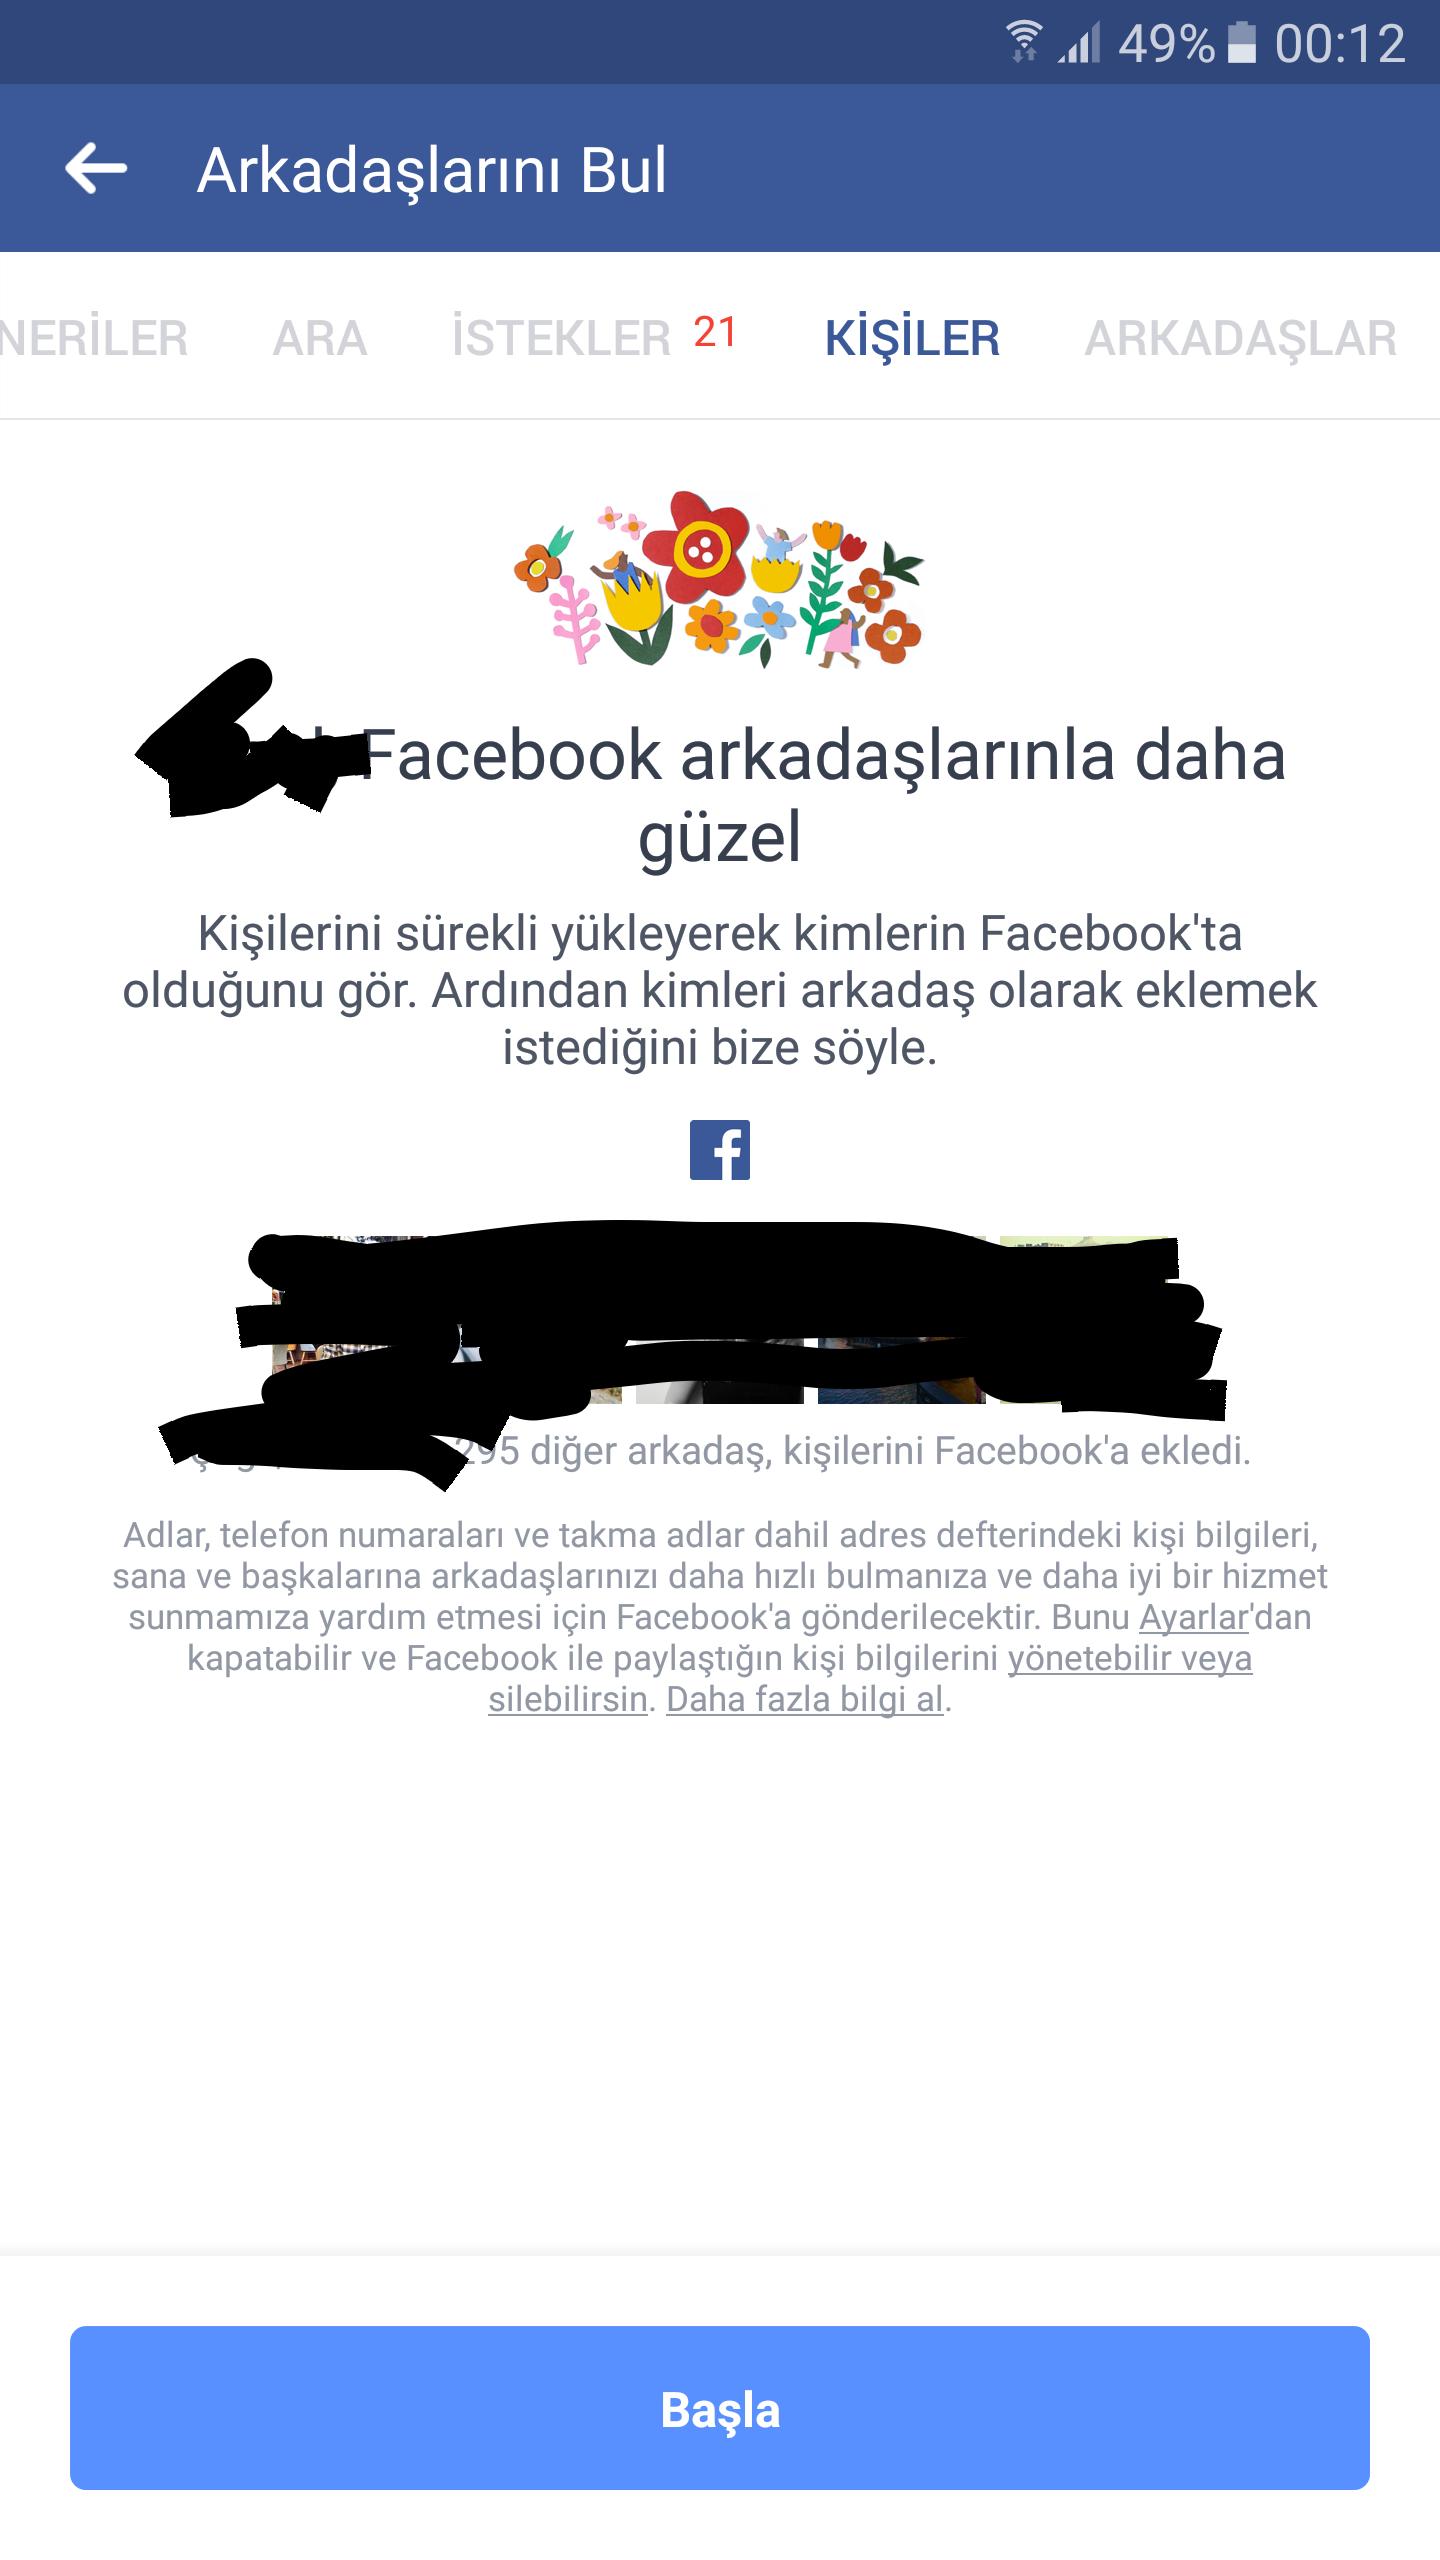 Krem Zorka: müteşekkir müşterilerin yorumları